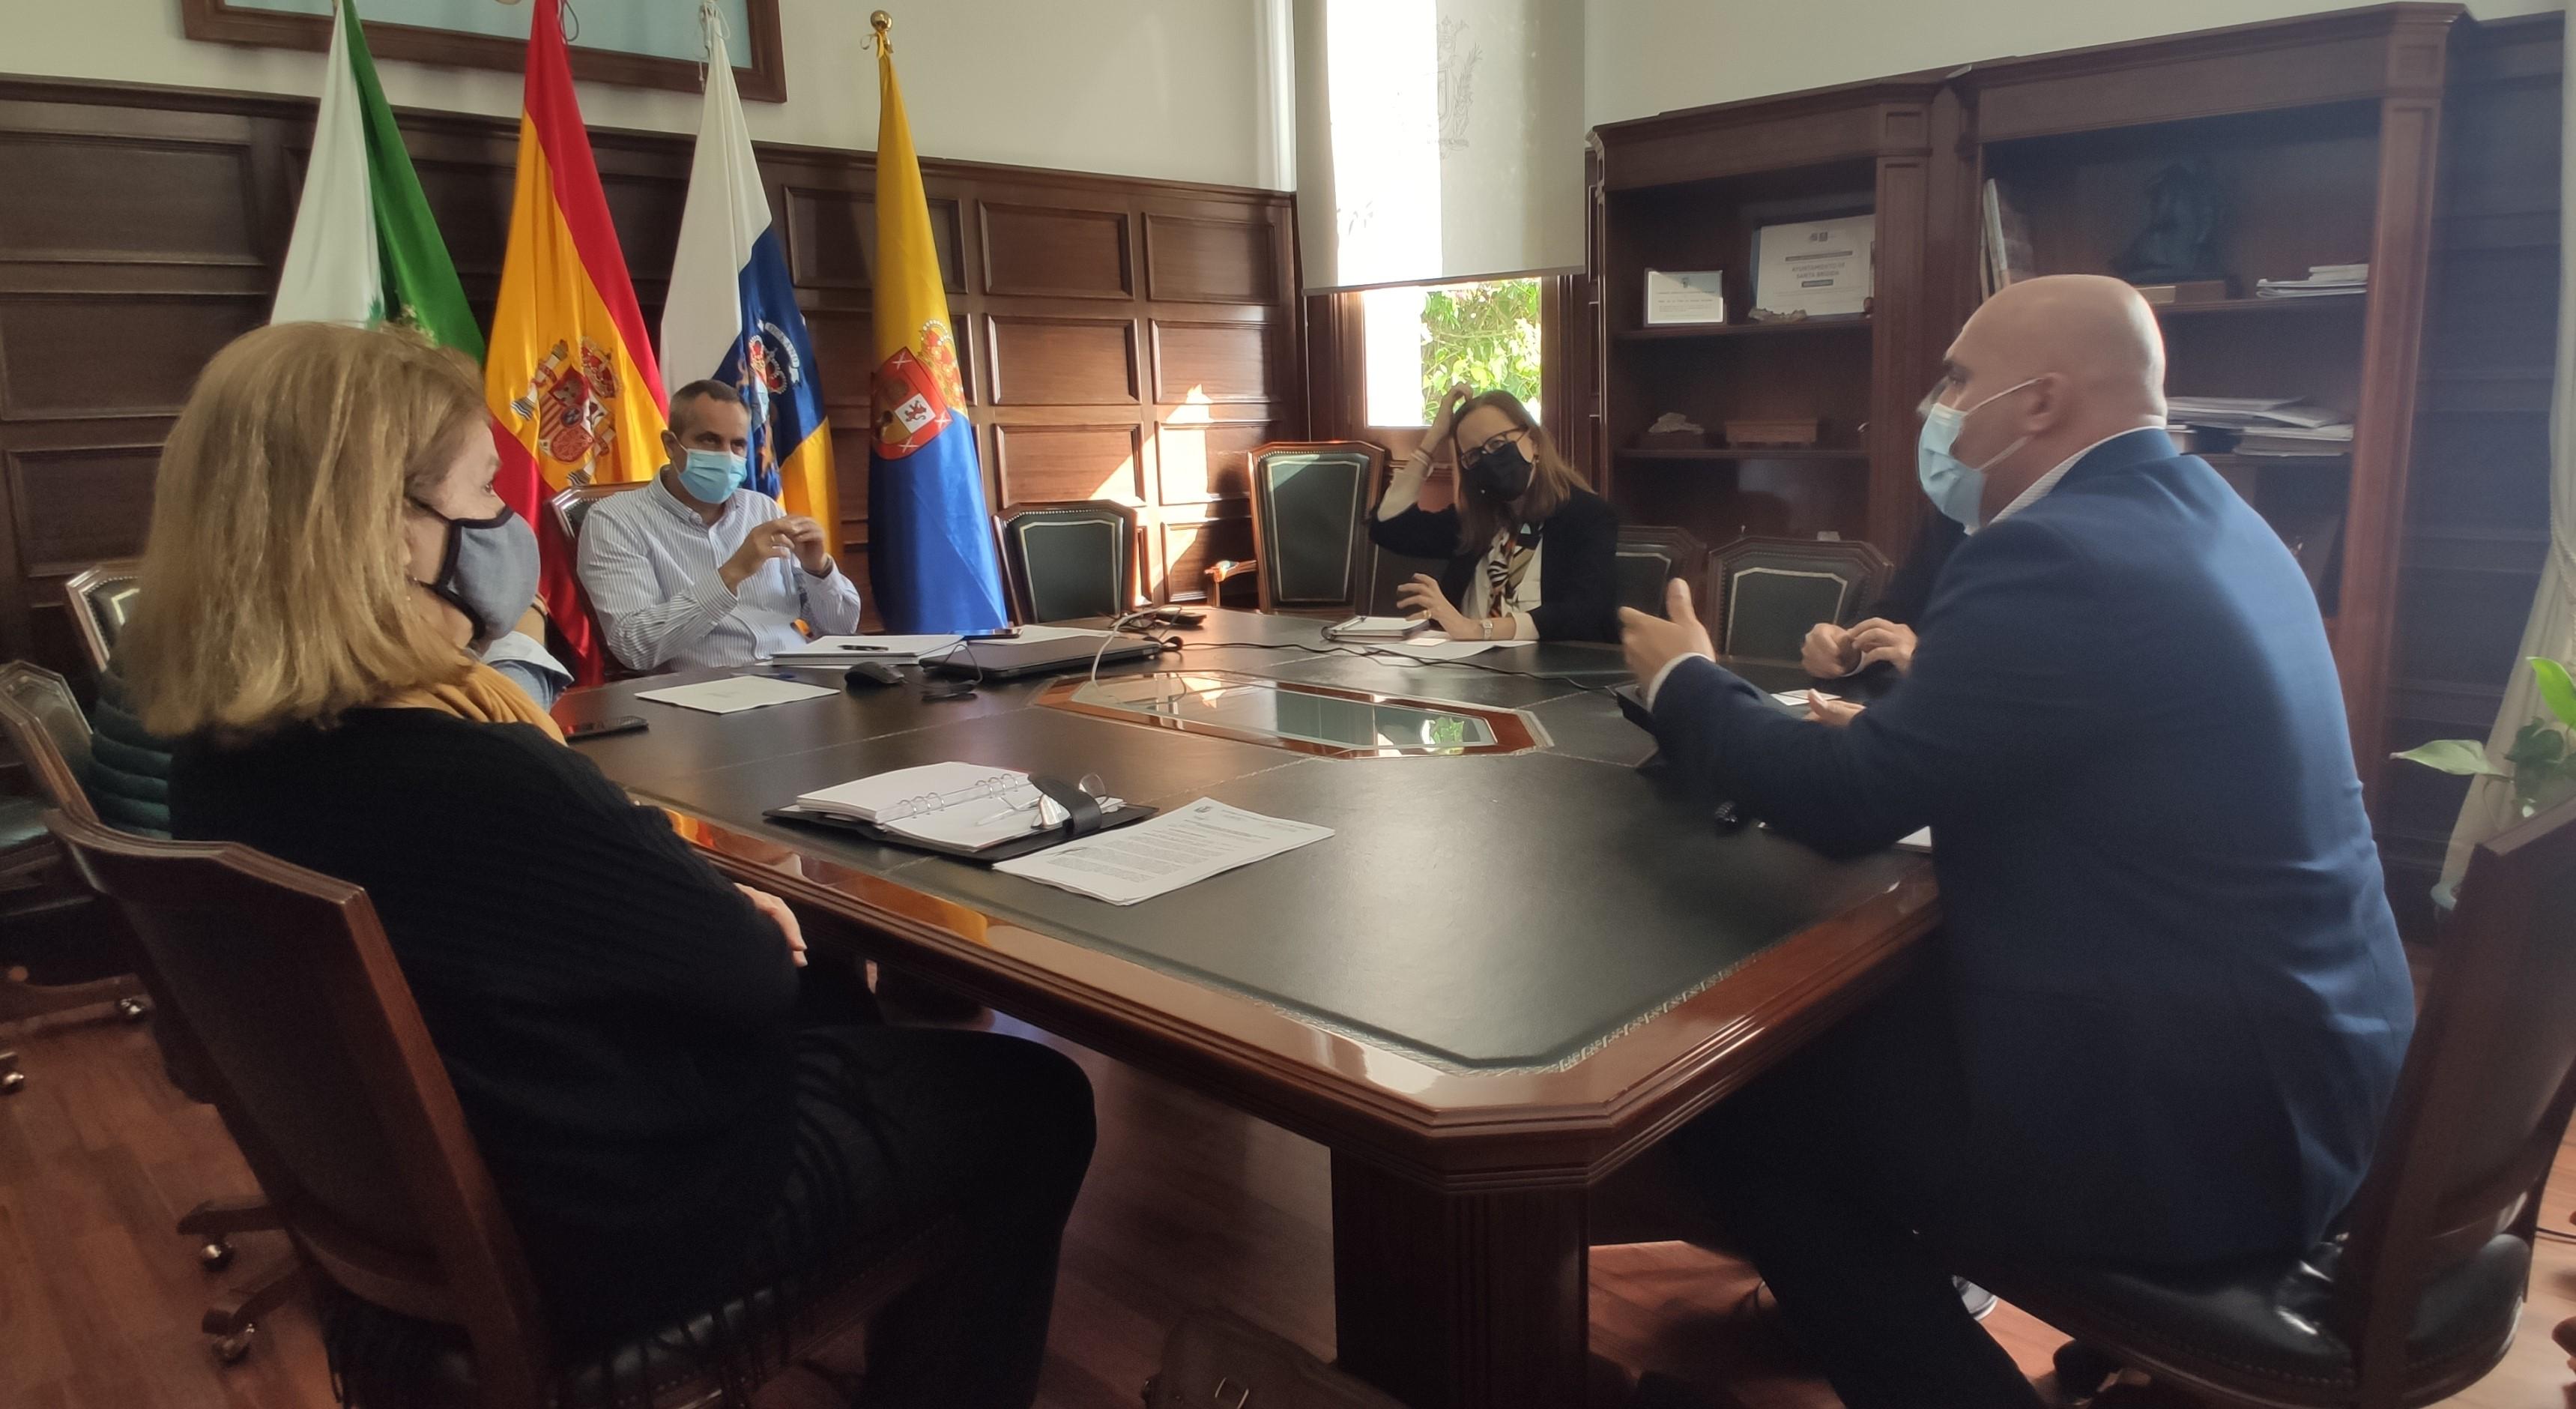 Gesplan propone al Ayuntamiento de Santa Brígida nuevas vías de trabajo conjunto / CanariasNoticias.es